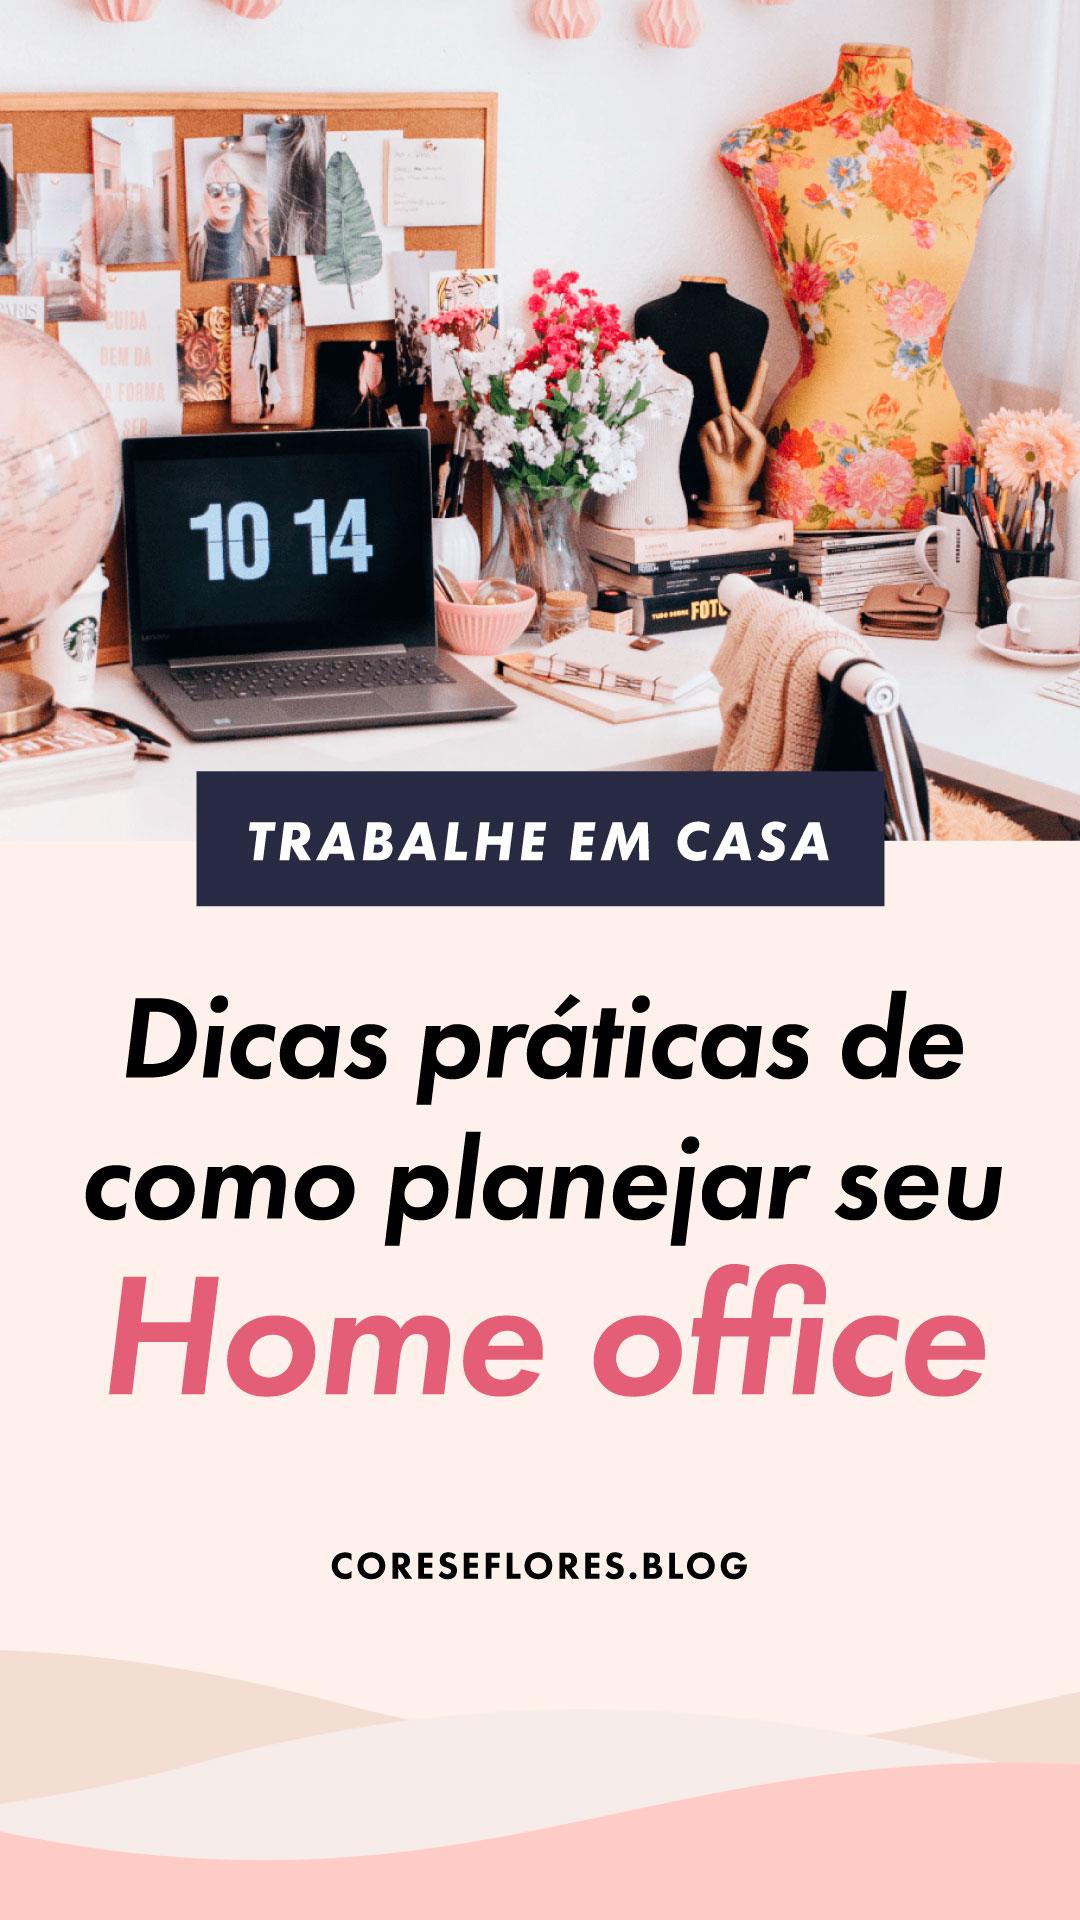 Dicas práticas de como planejar seu home office